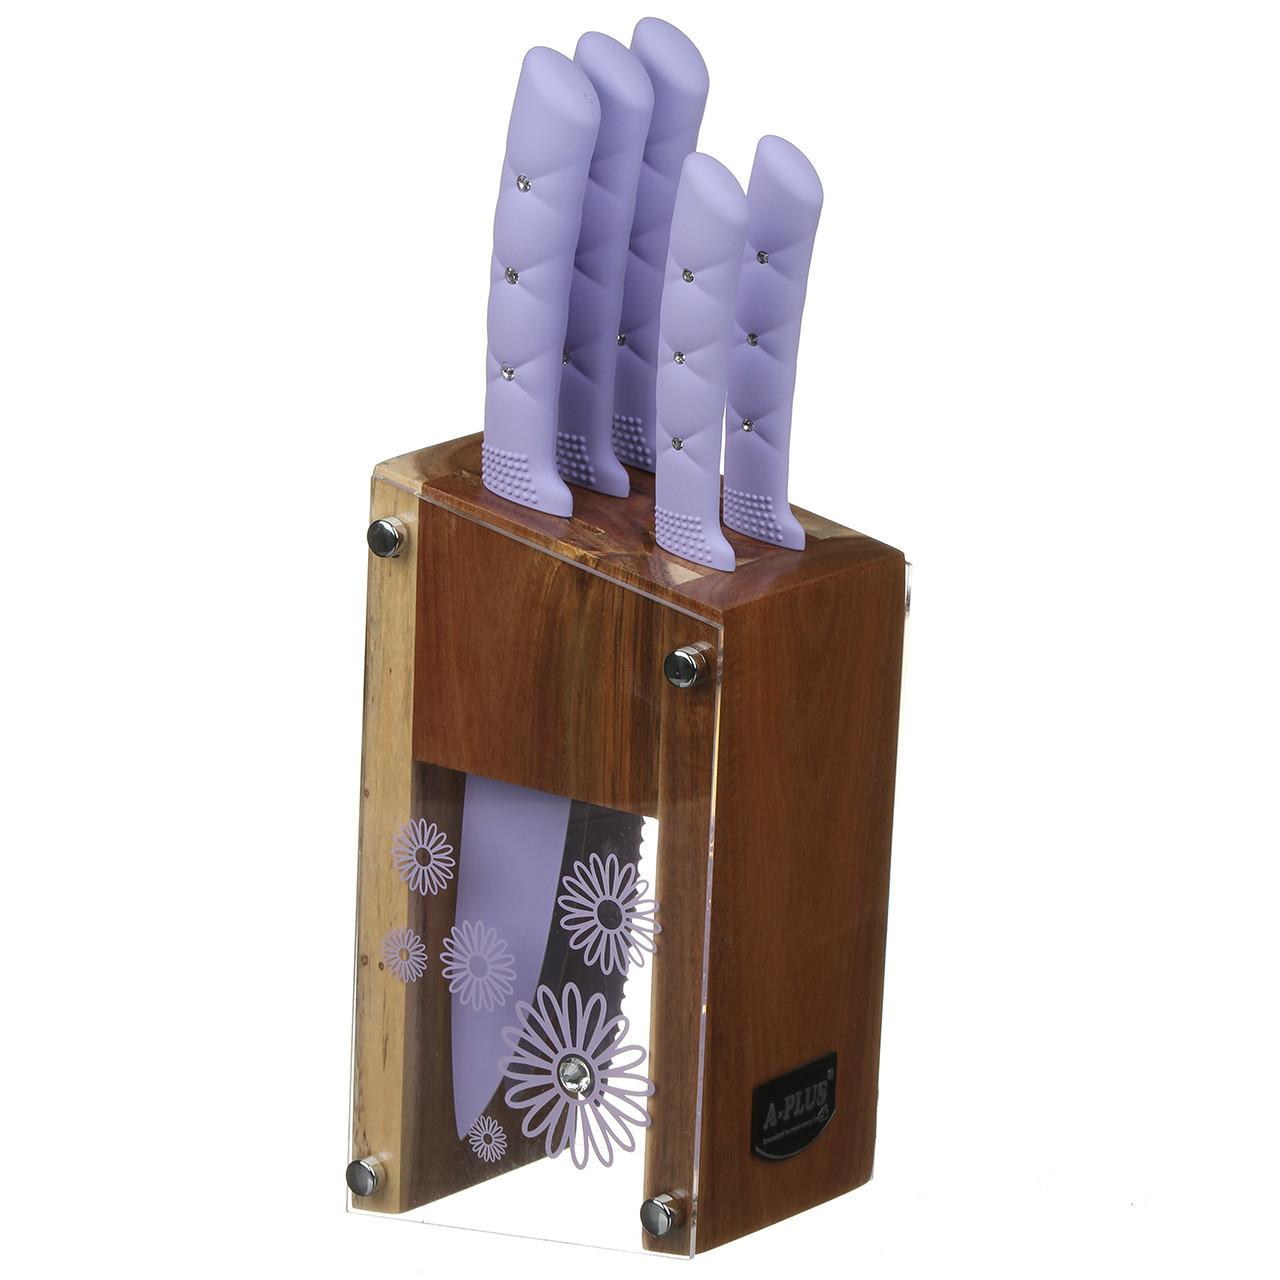 Набор ножей A-PLUS 6 предметов